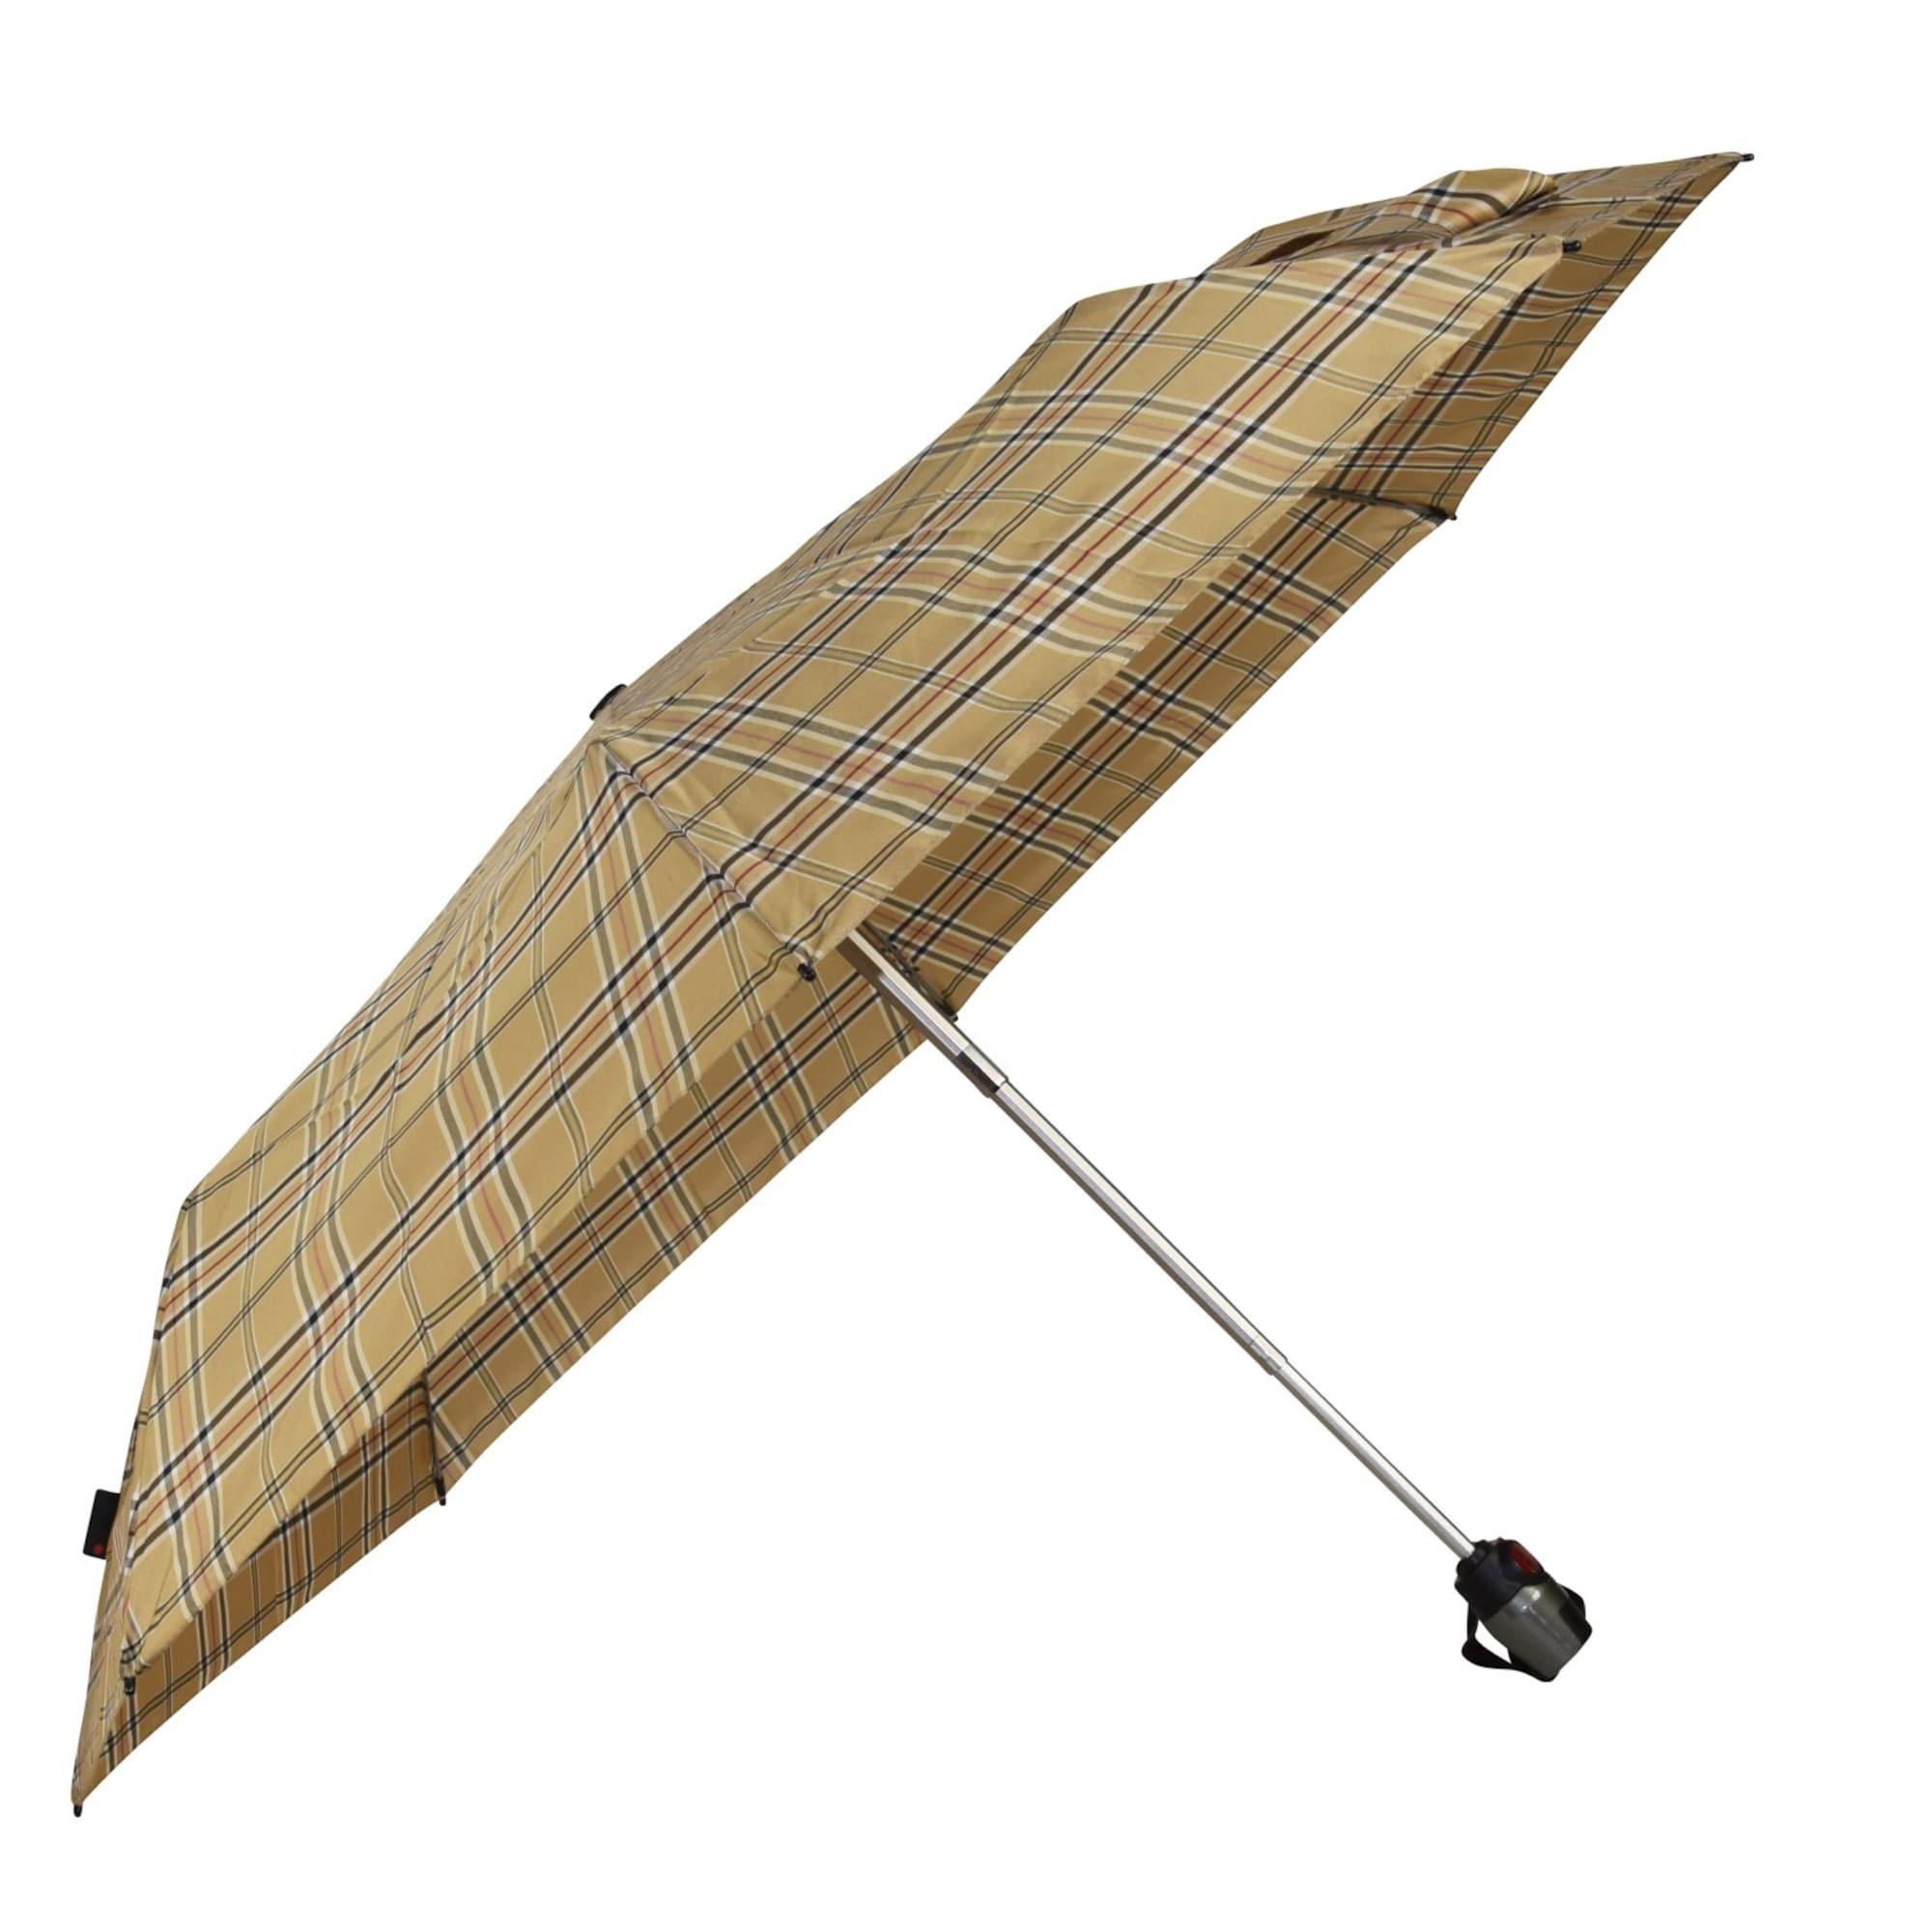 Regenschirm   Accessoires > Regenschirme > Sonstige Regenschirme   knirps